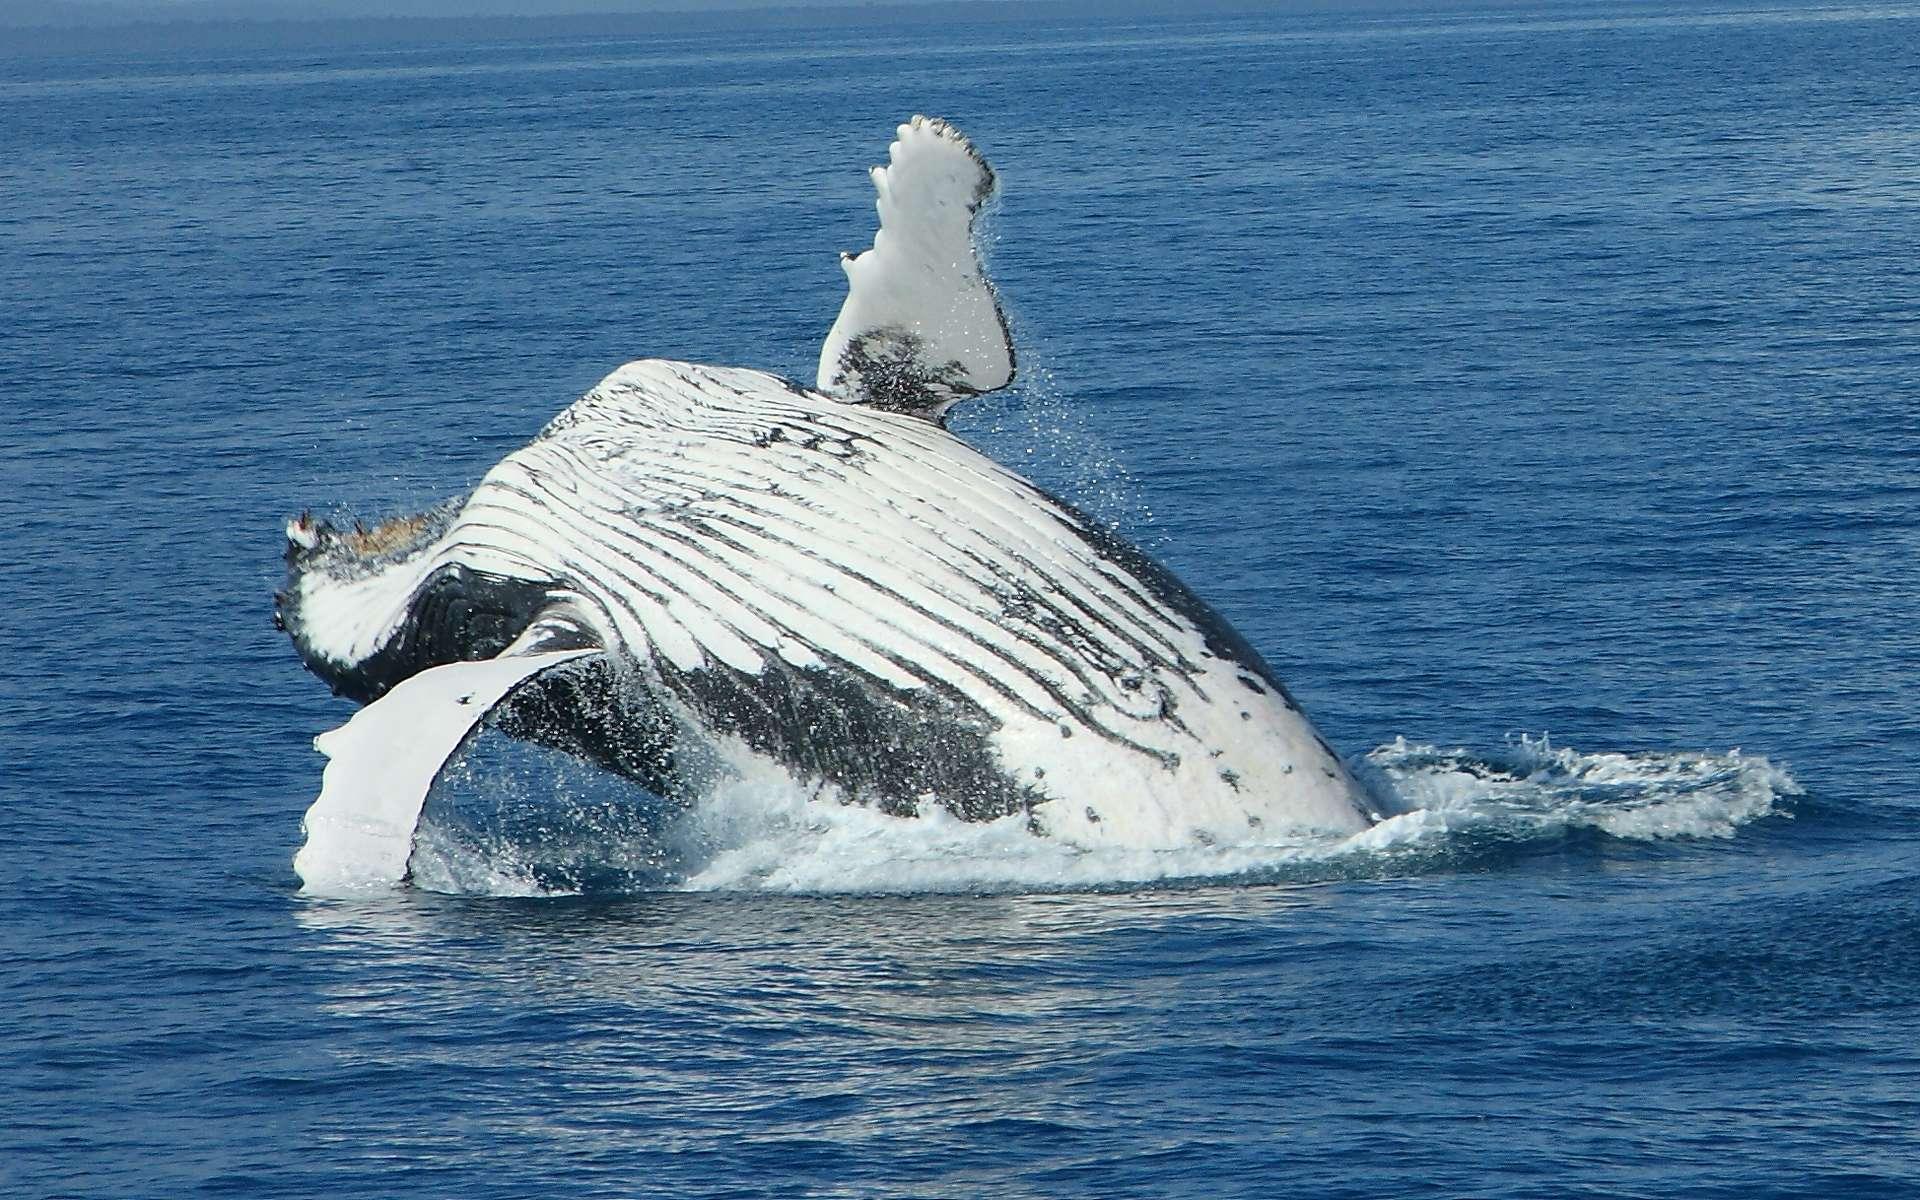 Depuis 1986, un moratoire protège les baleines, qui ne peuvent être chassées que pour des raisons scientifiques. © Michael Dawes, Fotopedia, cc by nc 2.0